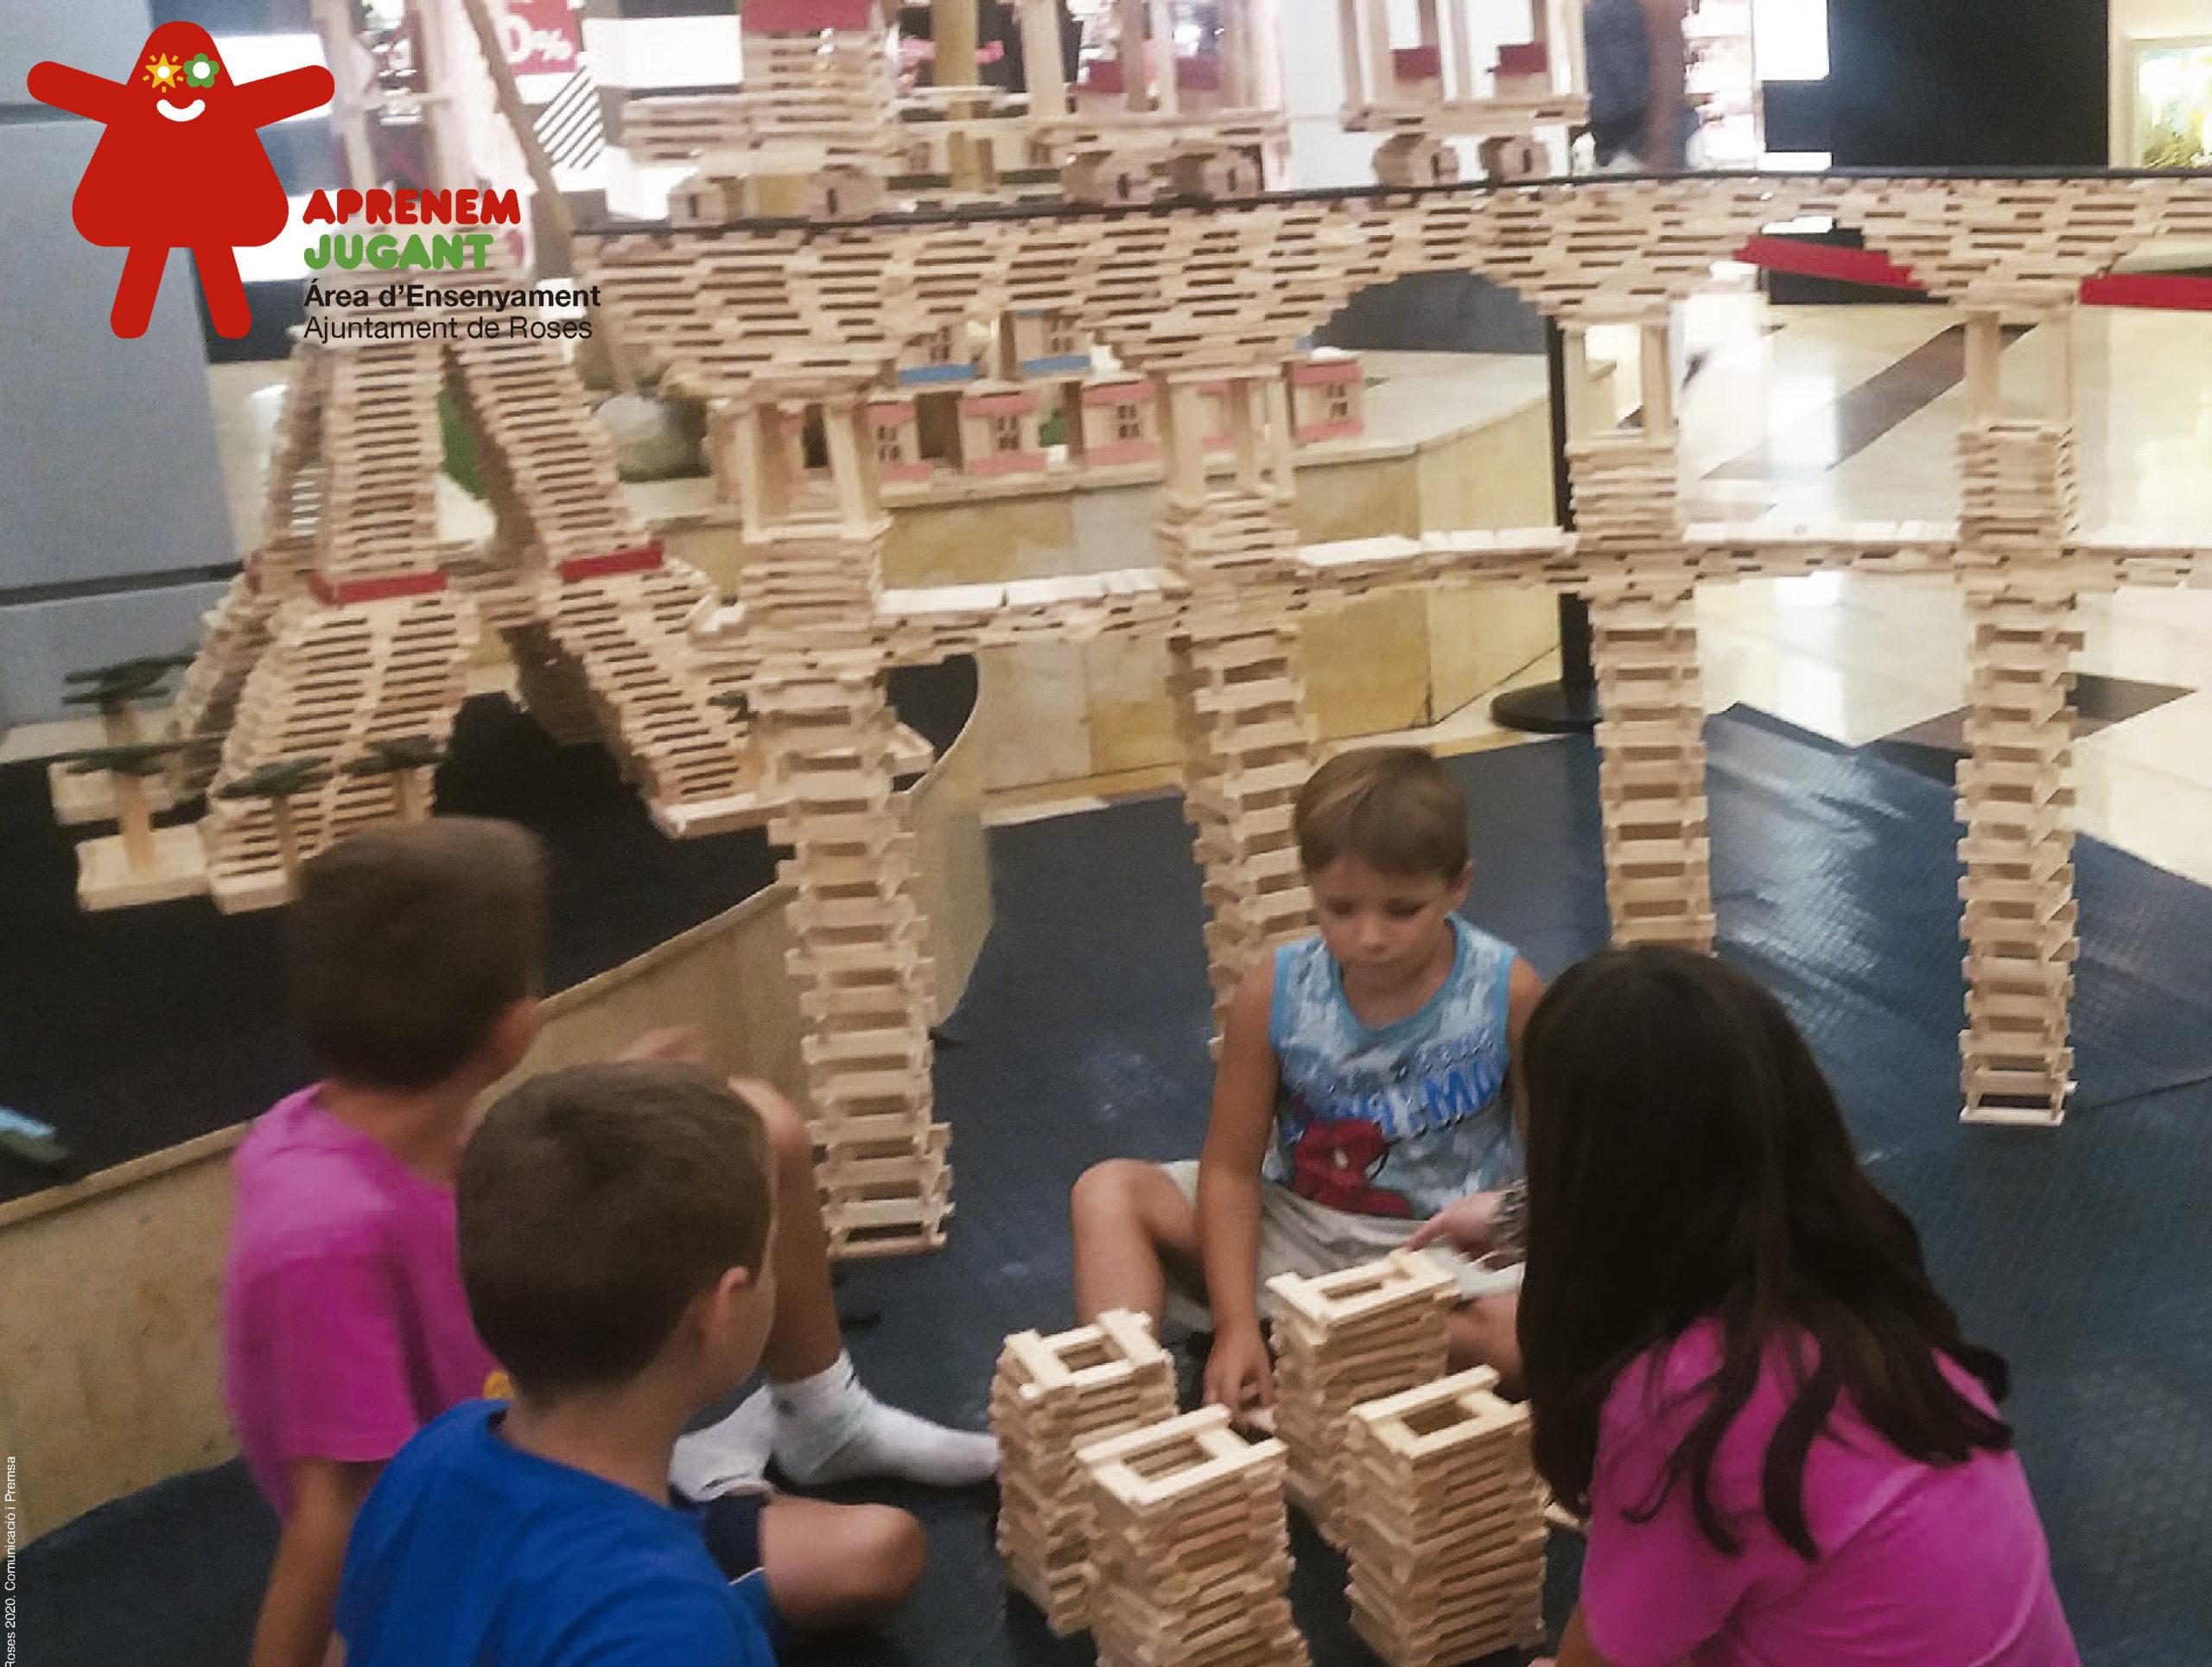 El taller Petits grans arquitectes, una nova proposta per continuar aprenent mitjançant el joc